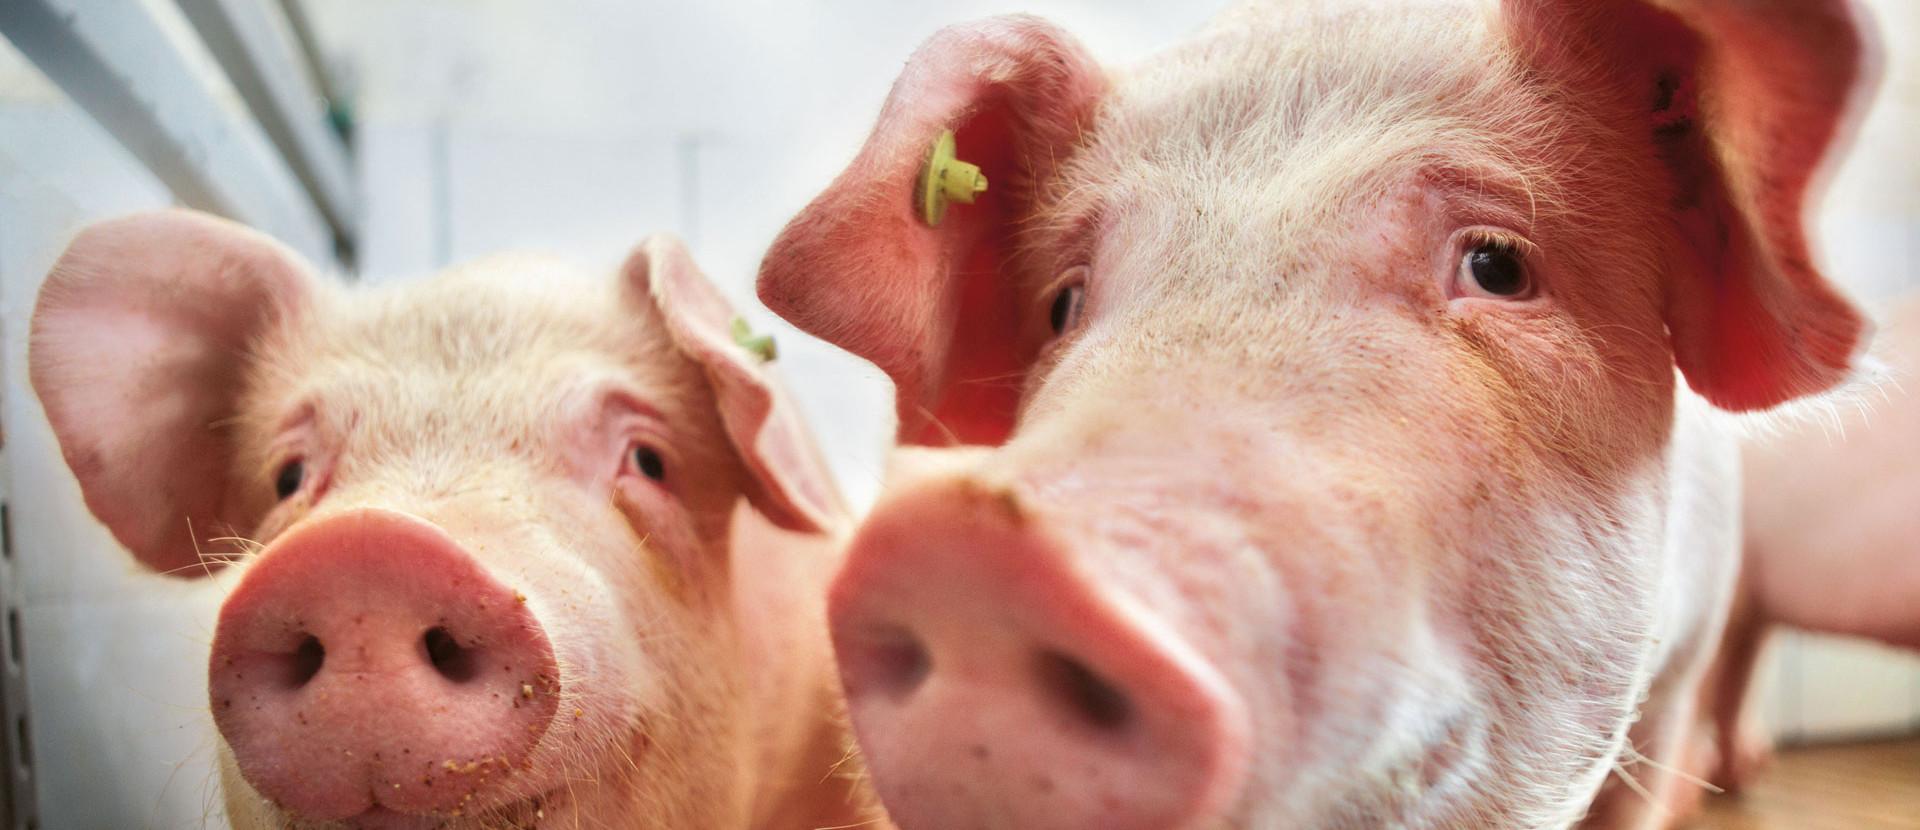 zwei Schweine im Stall